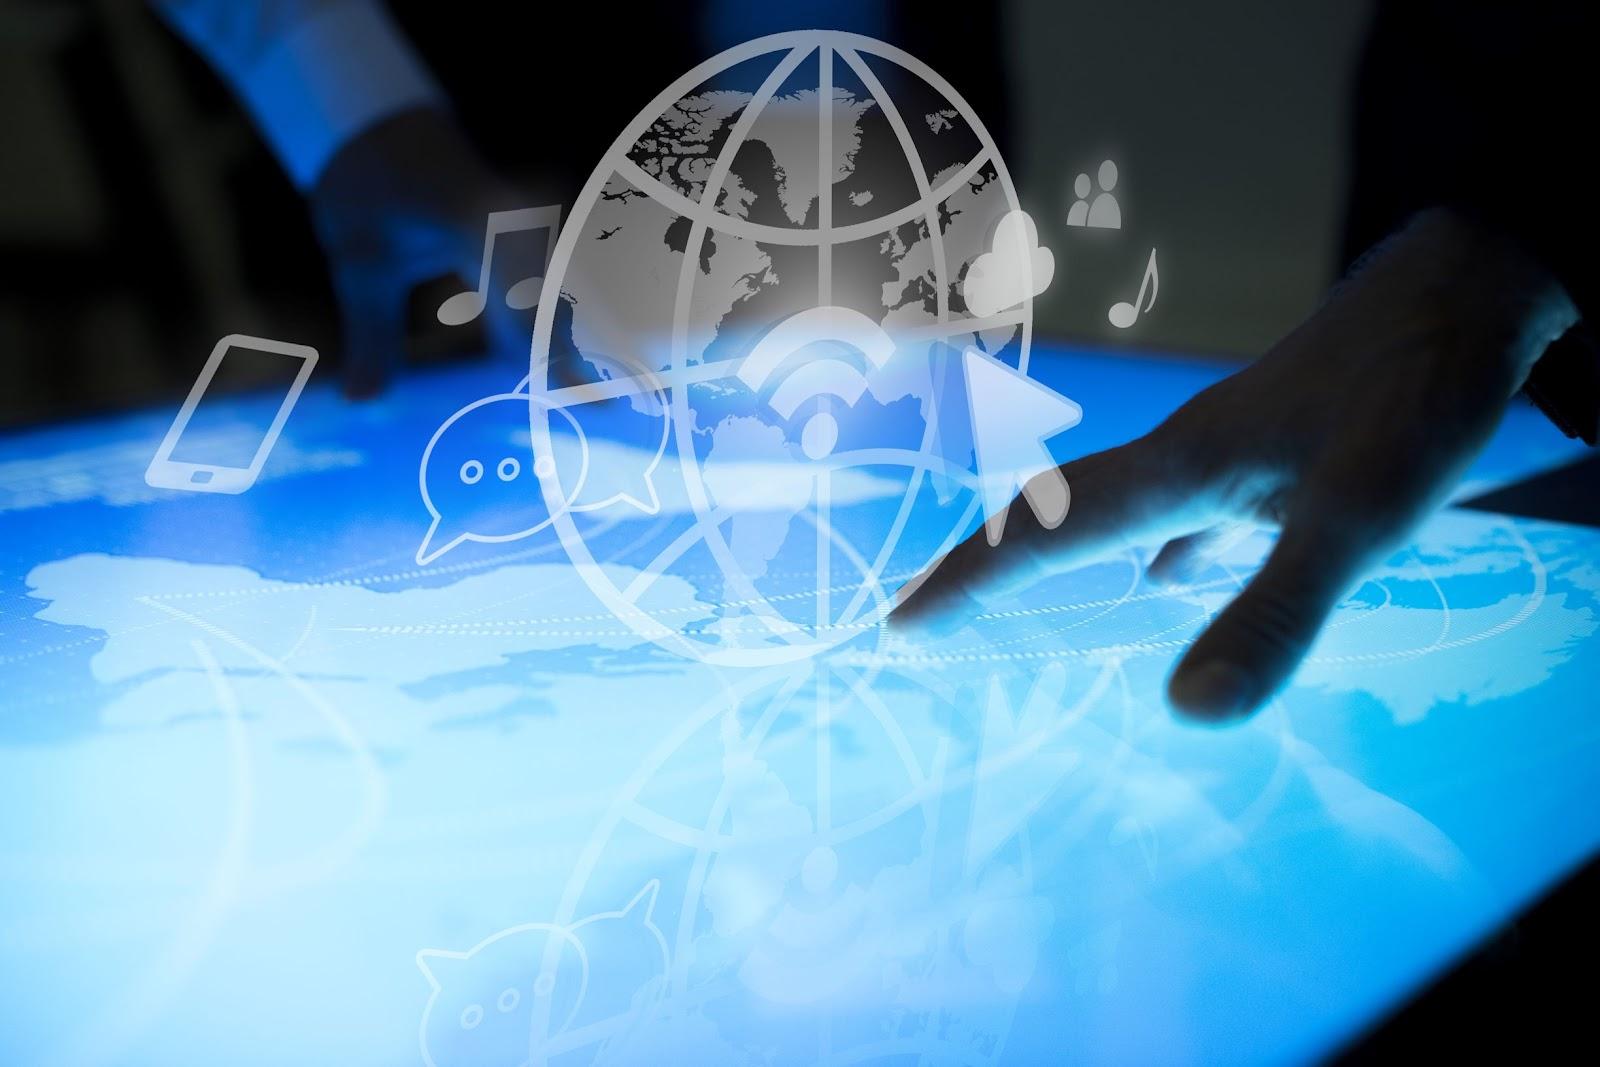 Imagem criada digitalmente de uma mão sobre uma tela e um vetor do mapa mundi ilustrando a rede SDN.